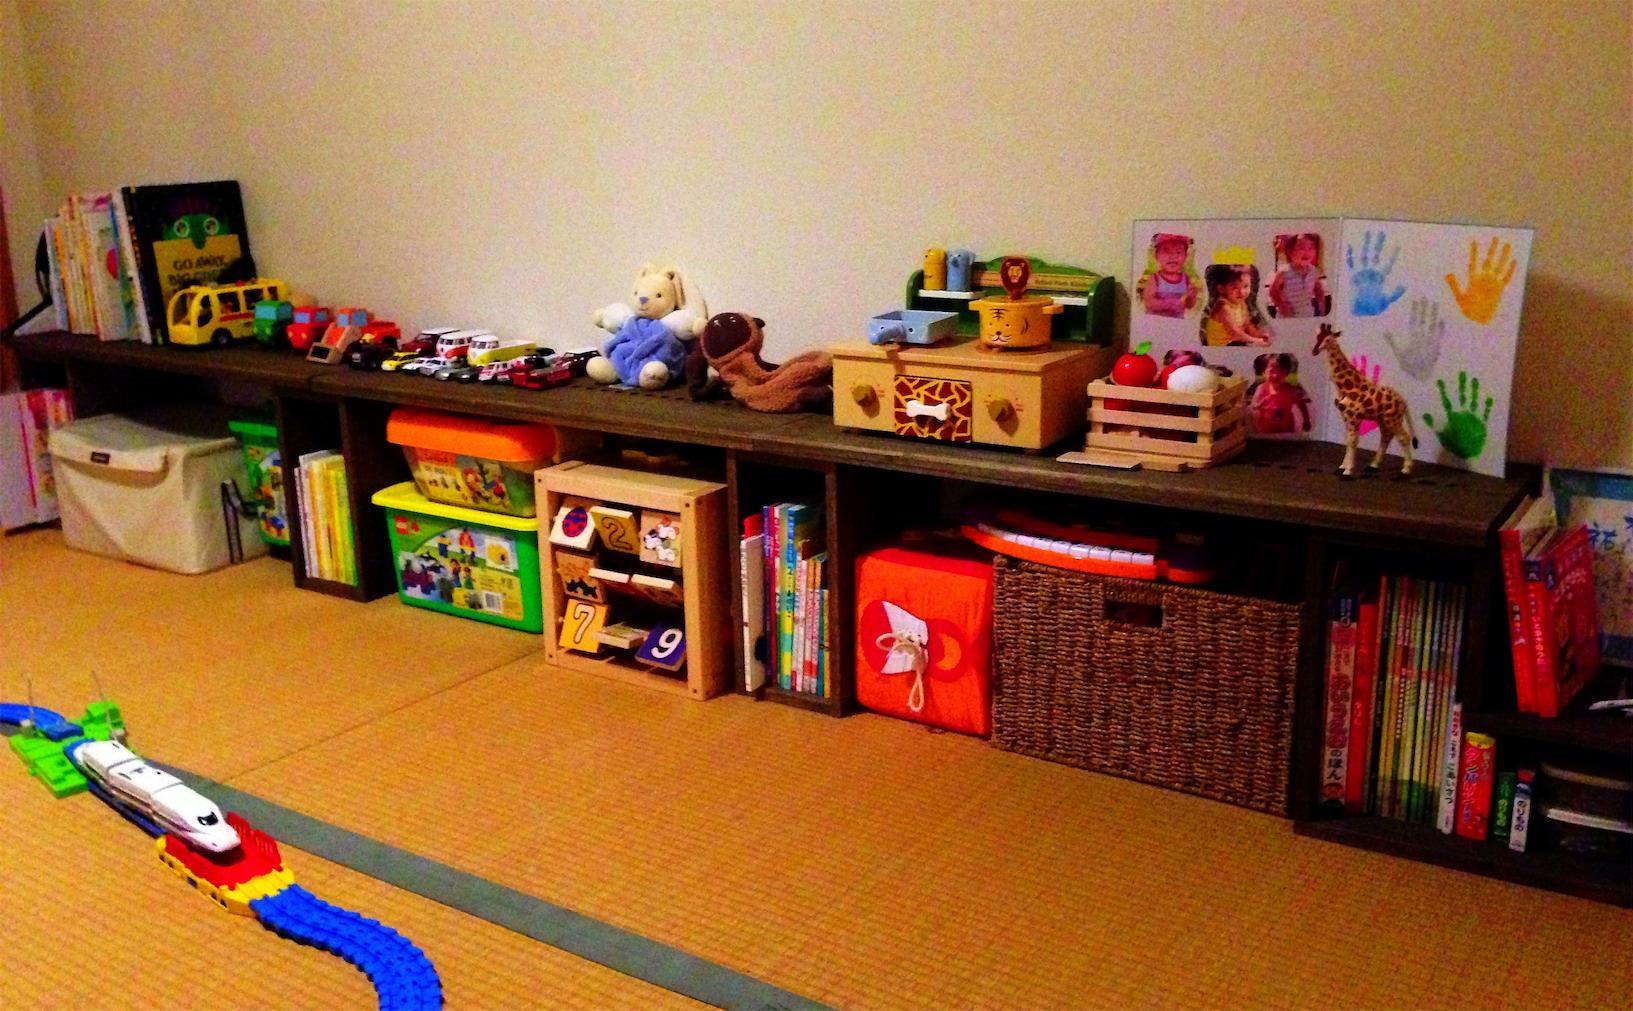 【子供の成長に伴い拡張!】 前回、新たな家族に加わった頃に90cmパネルを3枚購入し、和室の端に並べ赤ちゃんがはいはいでも玩具が取れるようにしました。そして、子供が2歳になり、玩具が増えてきたため、今回